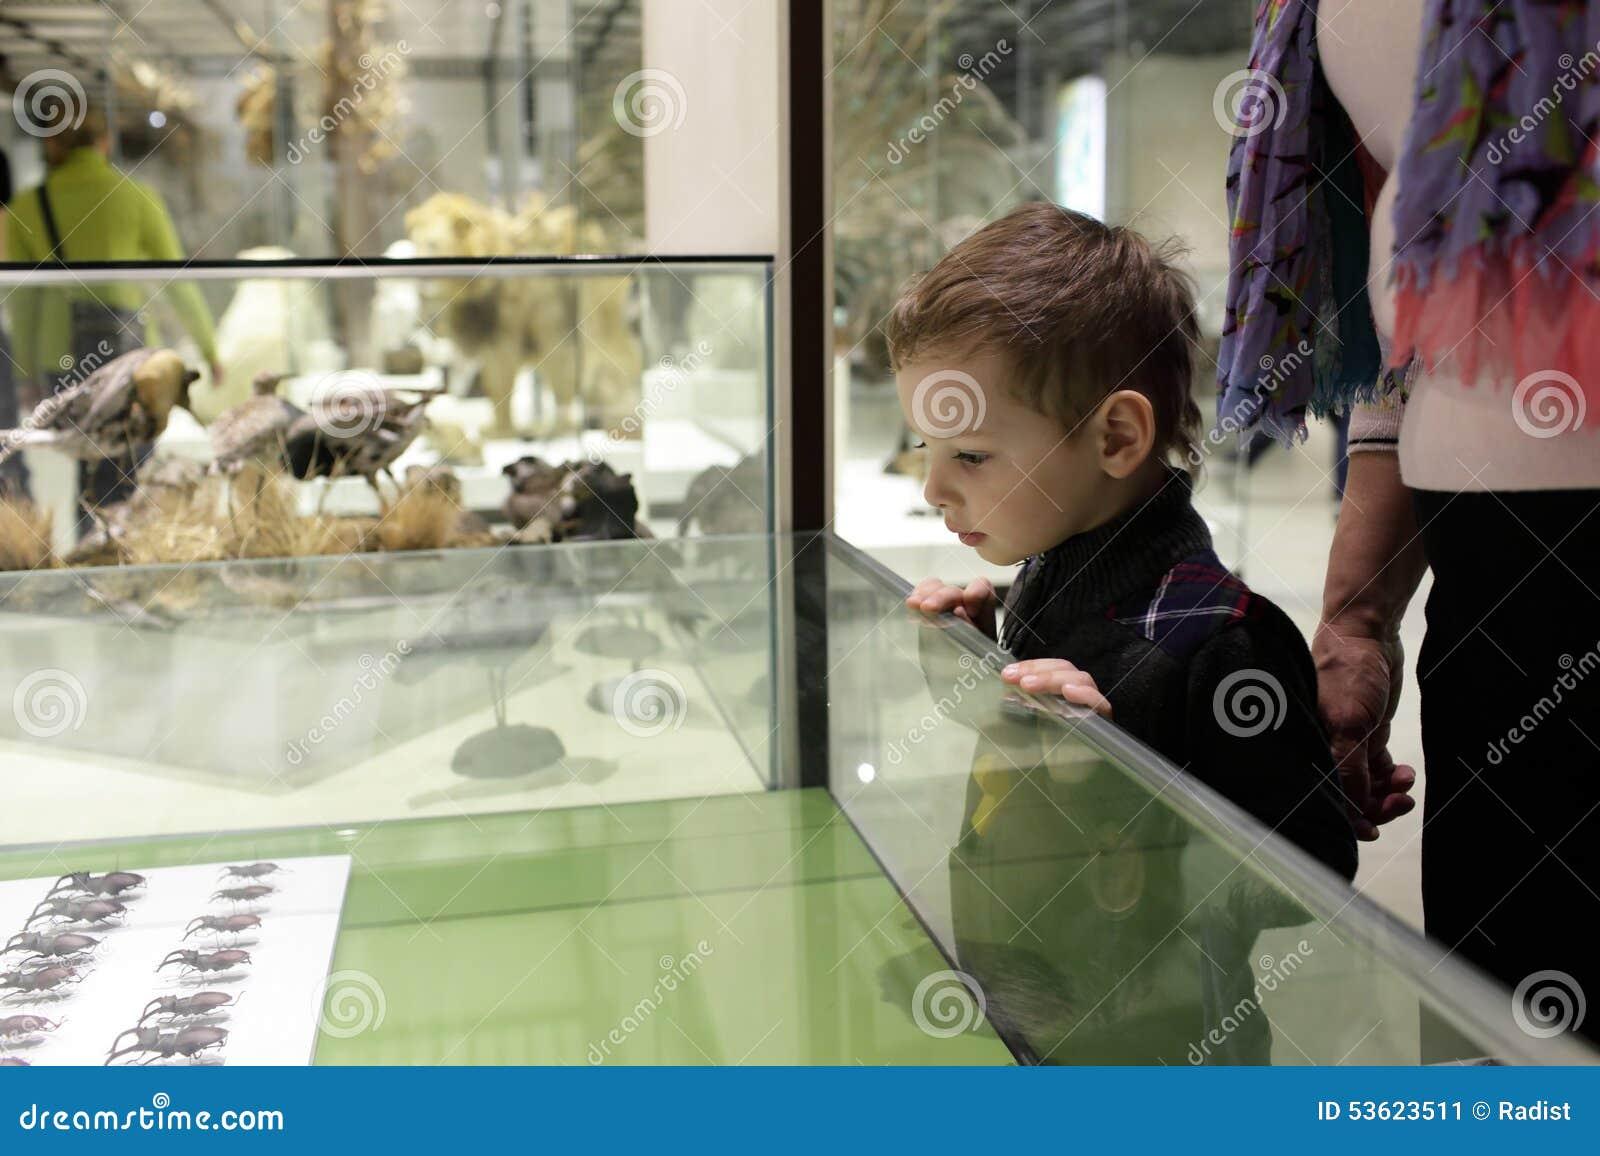 Boy looking at beetles